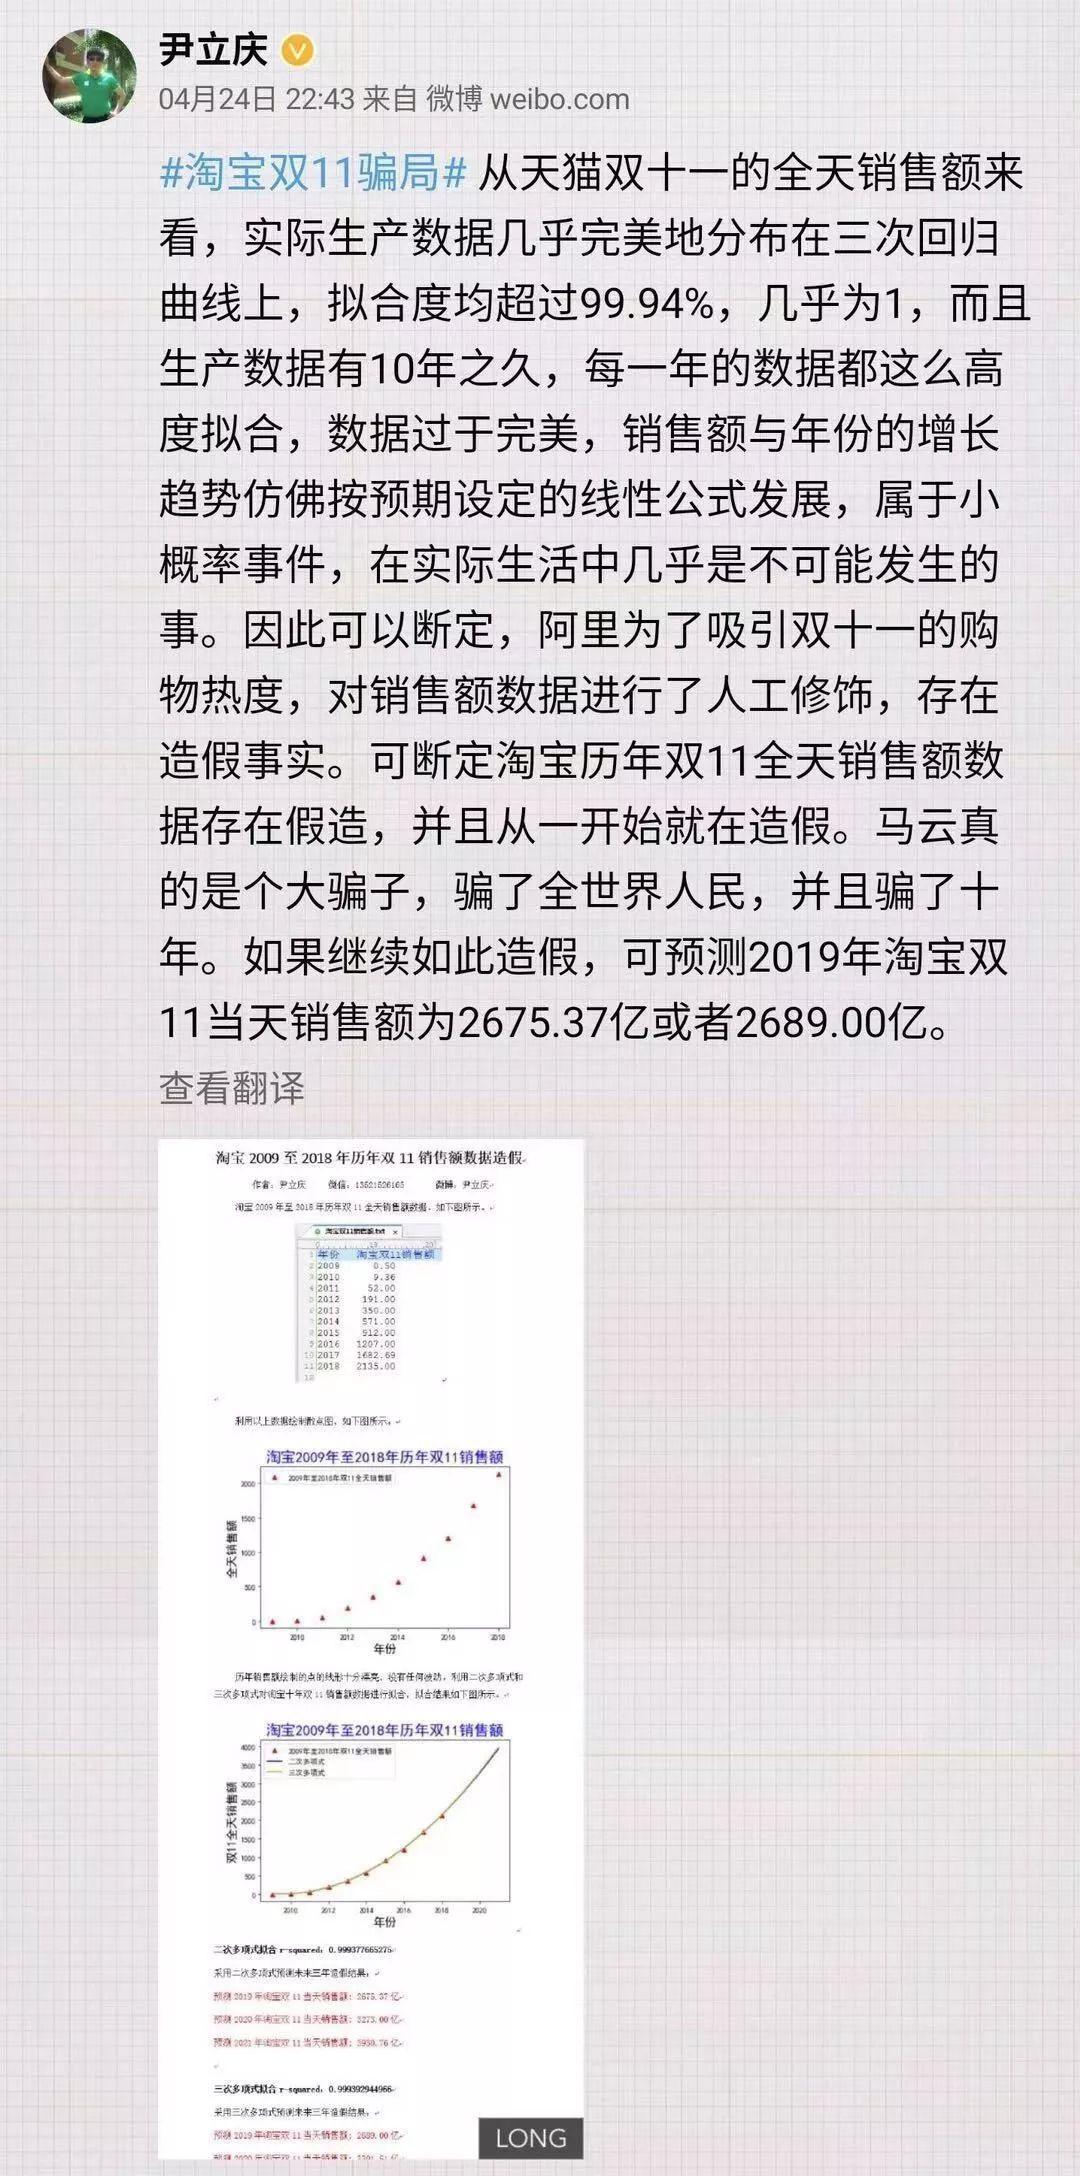 """马云回应数据造假,建议国家放假,还说""""双11""""对阿里没多大意义"""